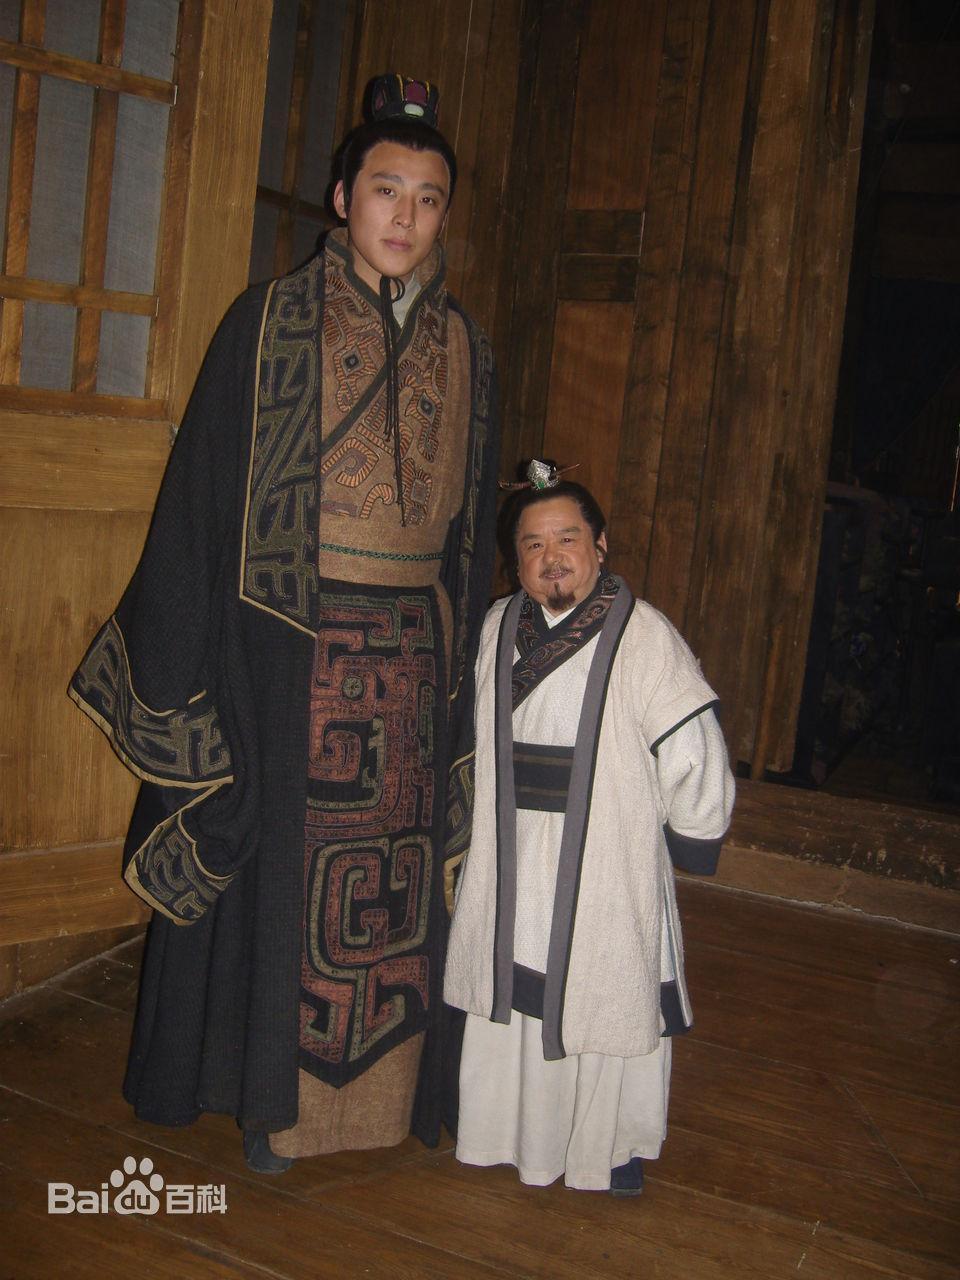 Diễn viên lùn nhất Trung Quốc: Chỉ cao 1m2 nhưng đào hoa, lấy tới 4 vợ trẻ đẹp-2